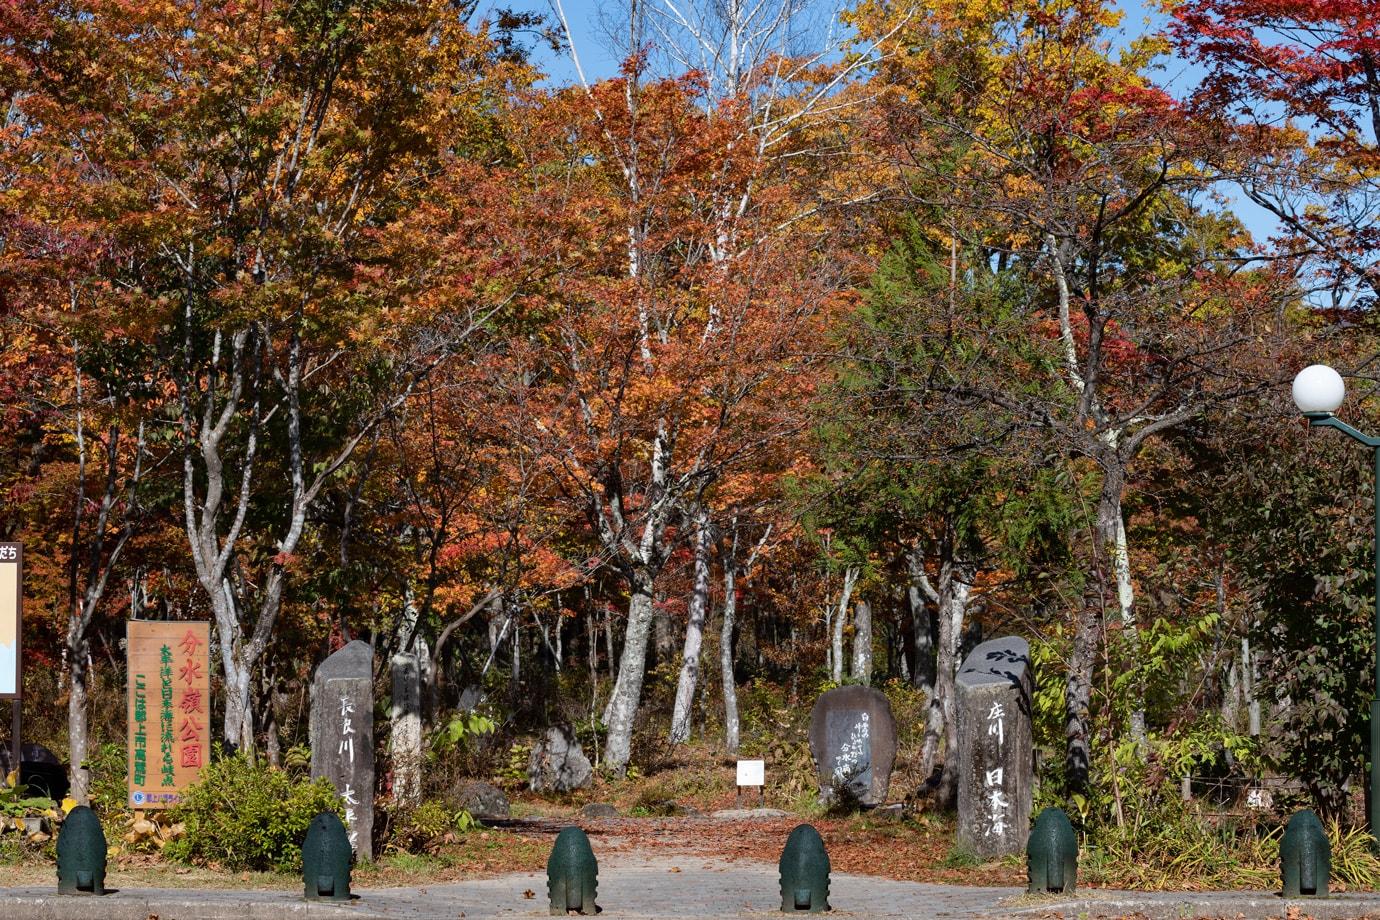 分水嶺公園の紅葉 スライダー画像2